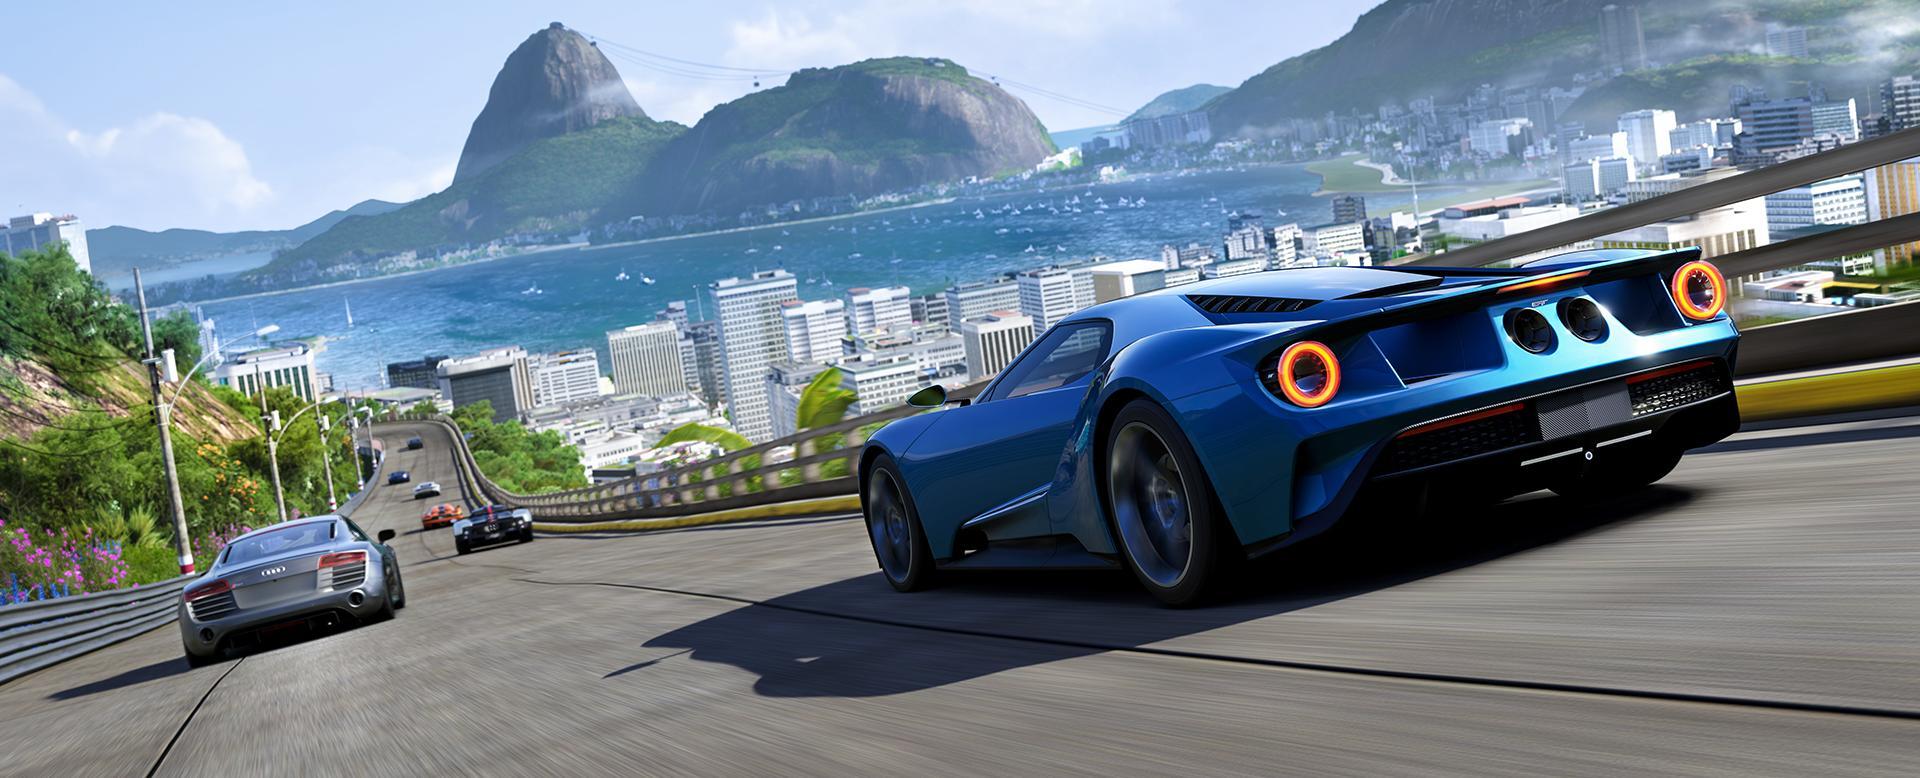 jeux de voiture forza 6